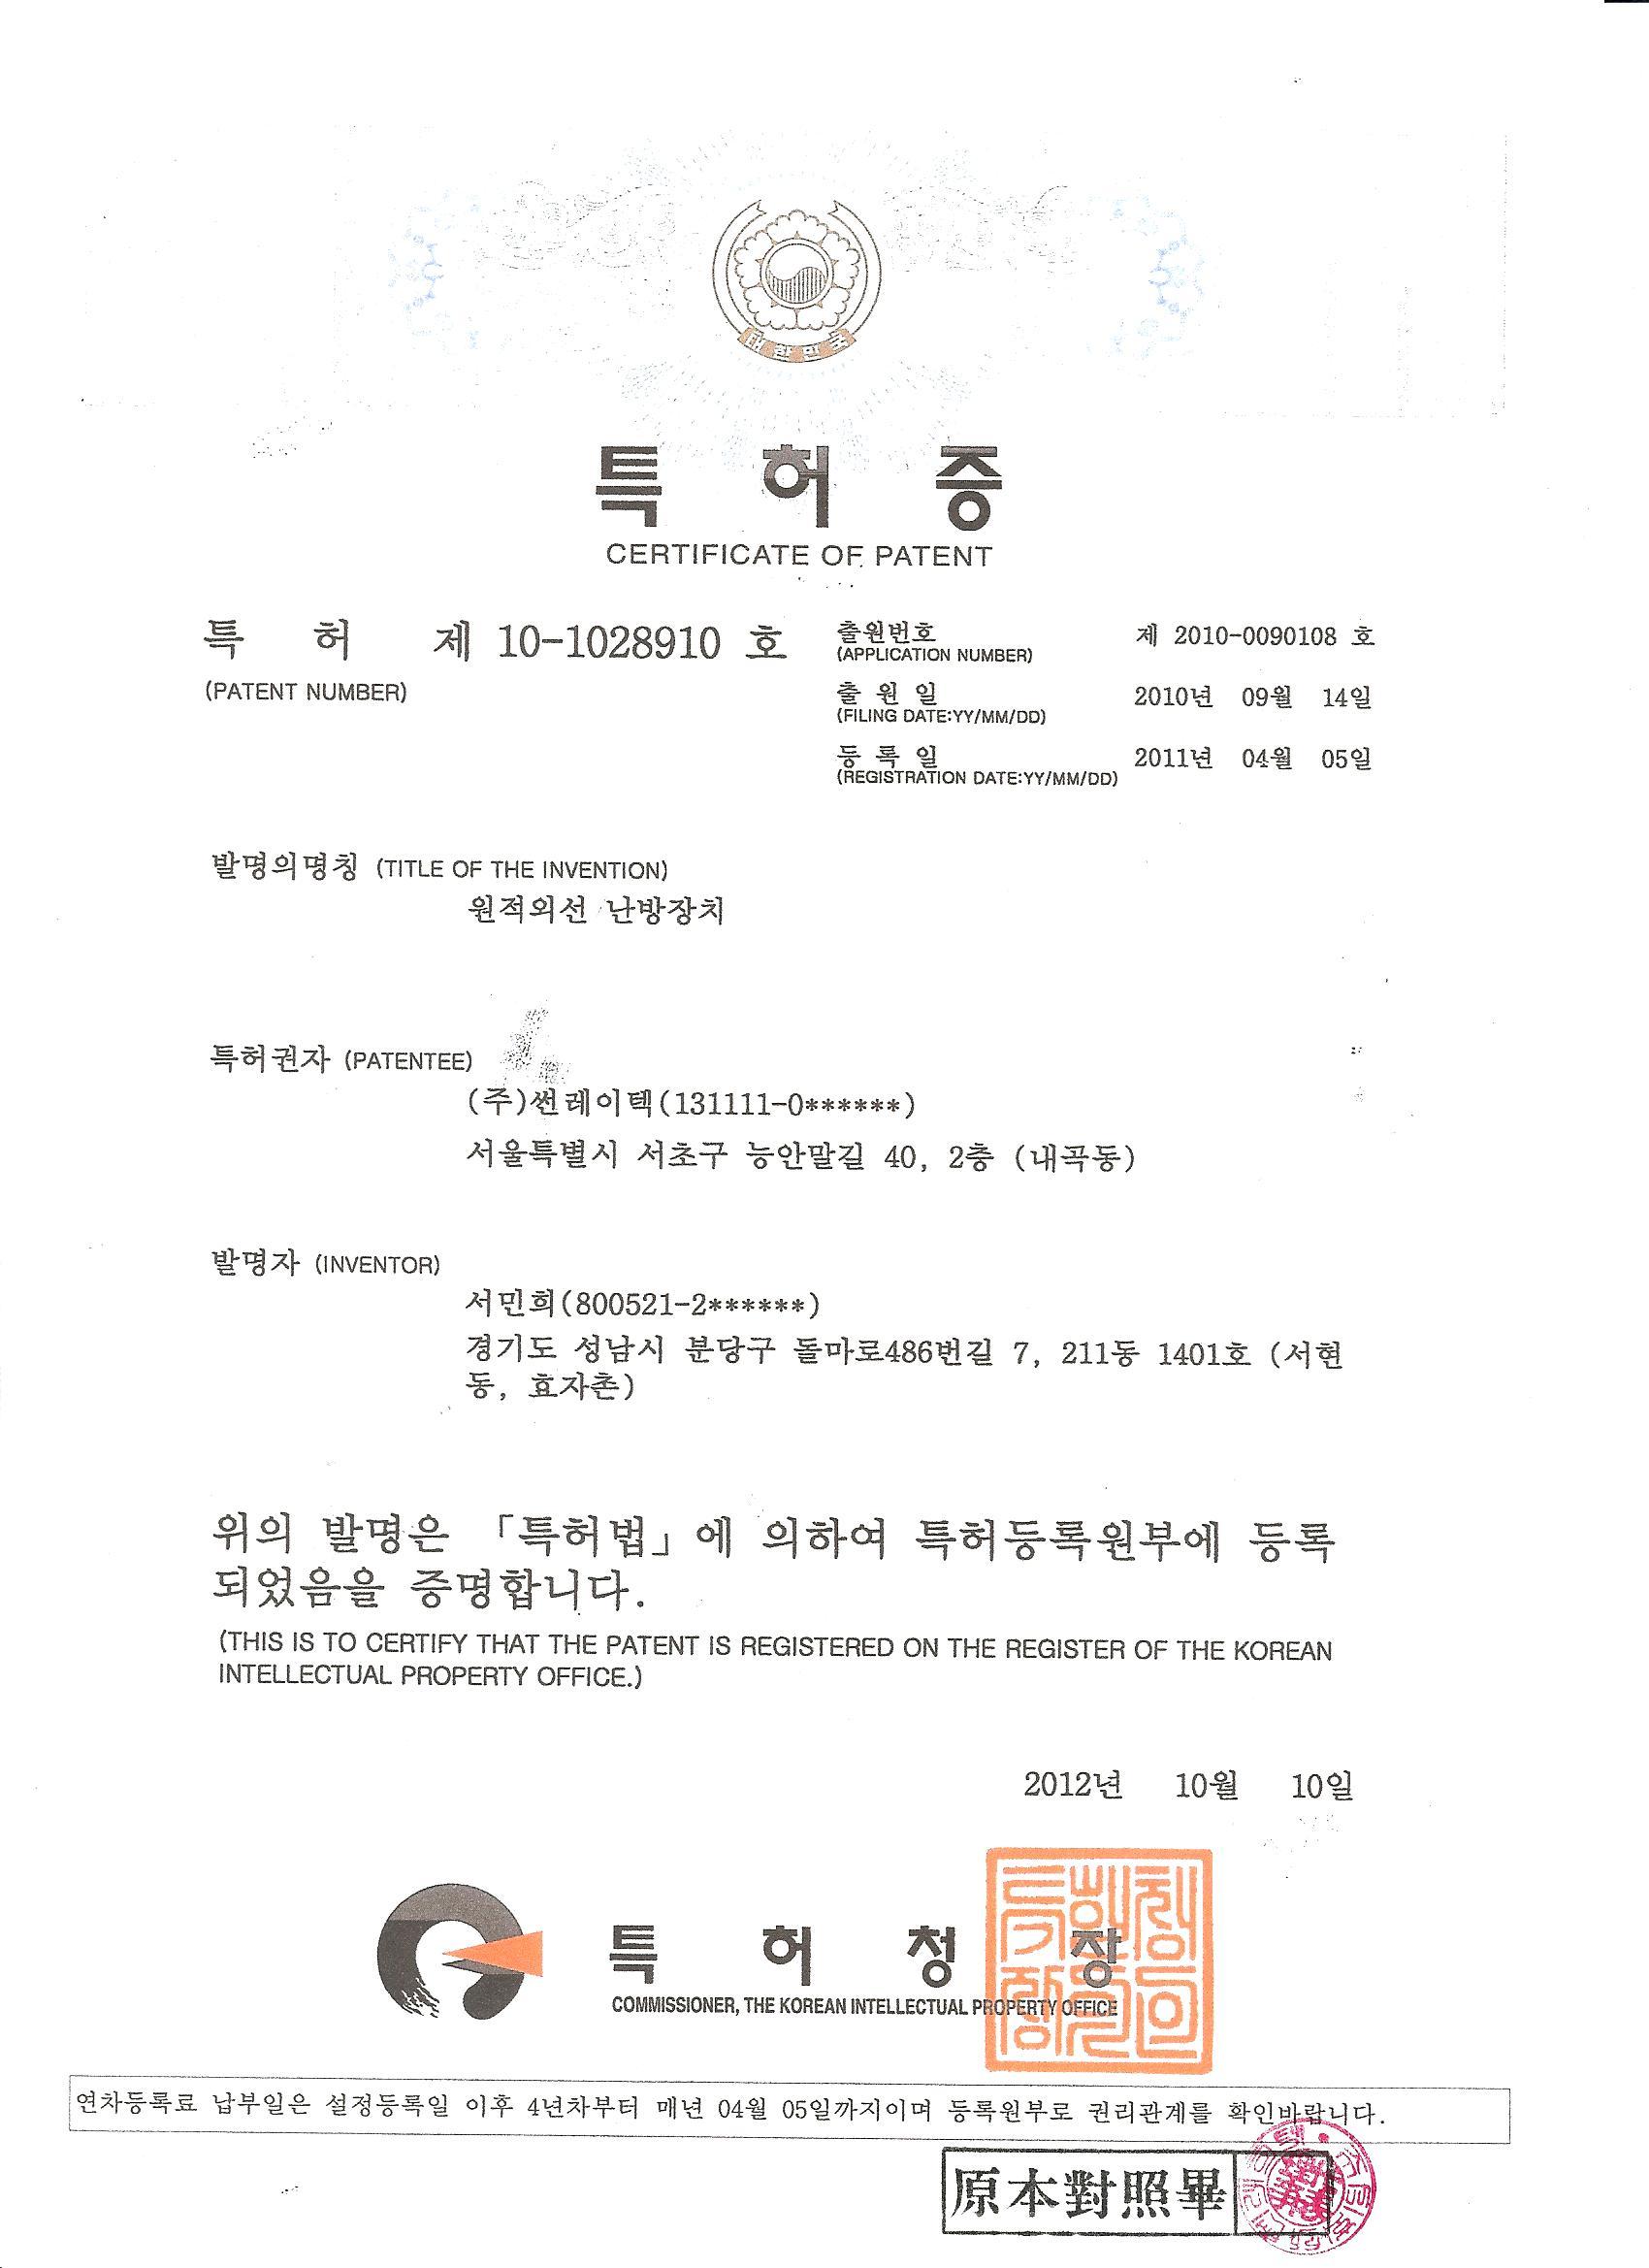 특허등록증 제10-1028910호.jpg